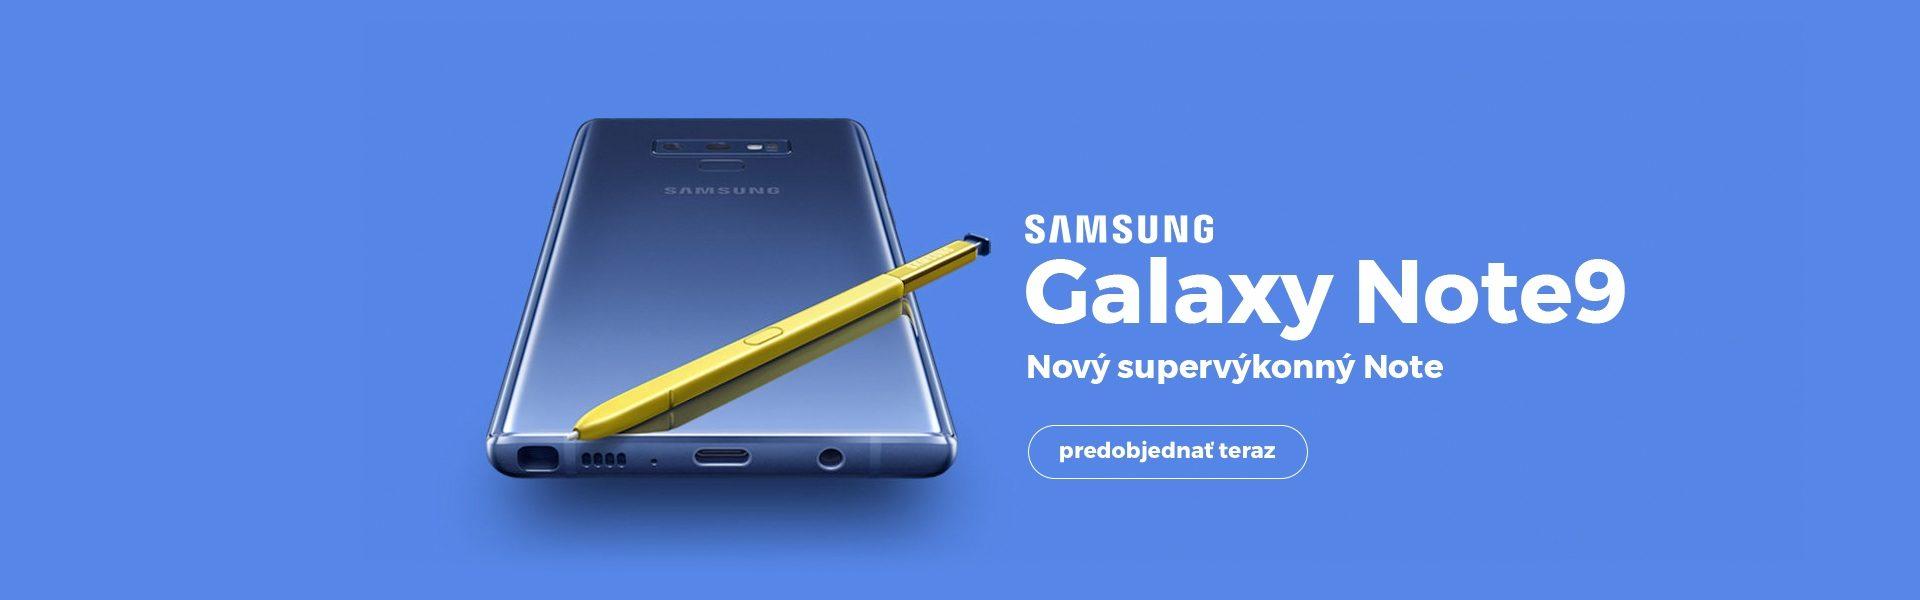 Samsung Galaxy Note 9 - Slider Webbanners - Duntel